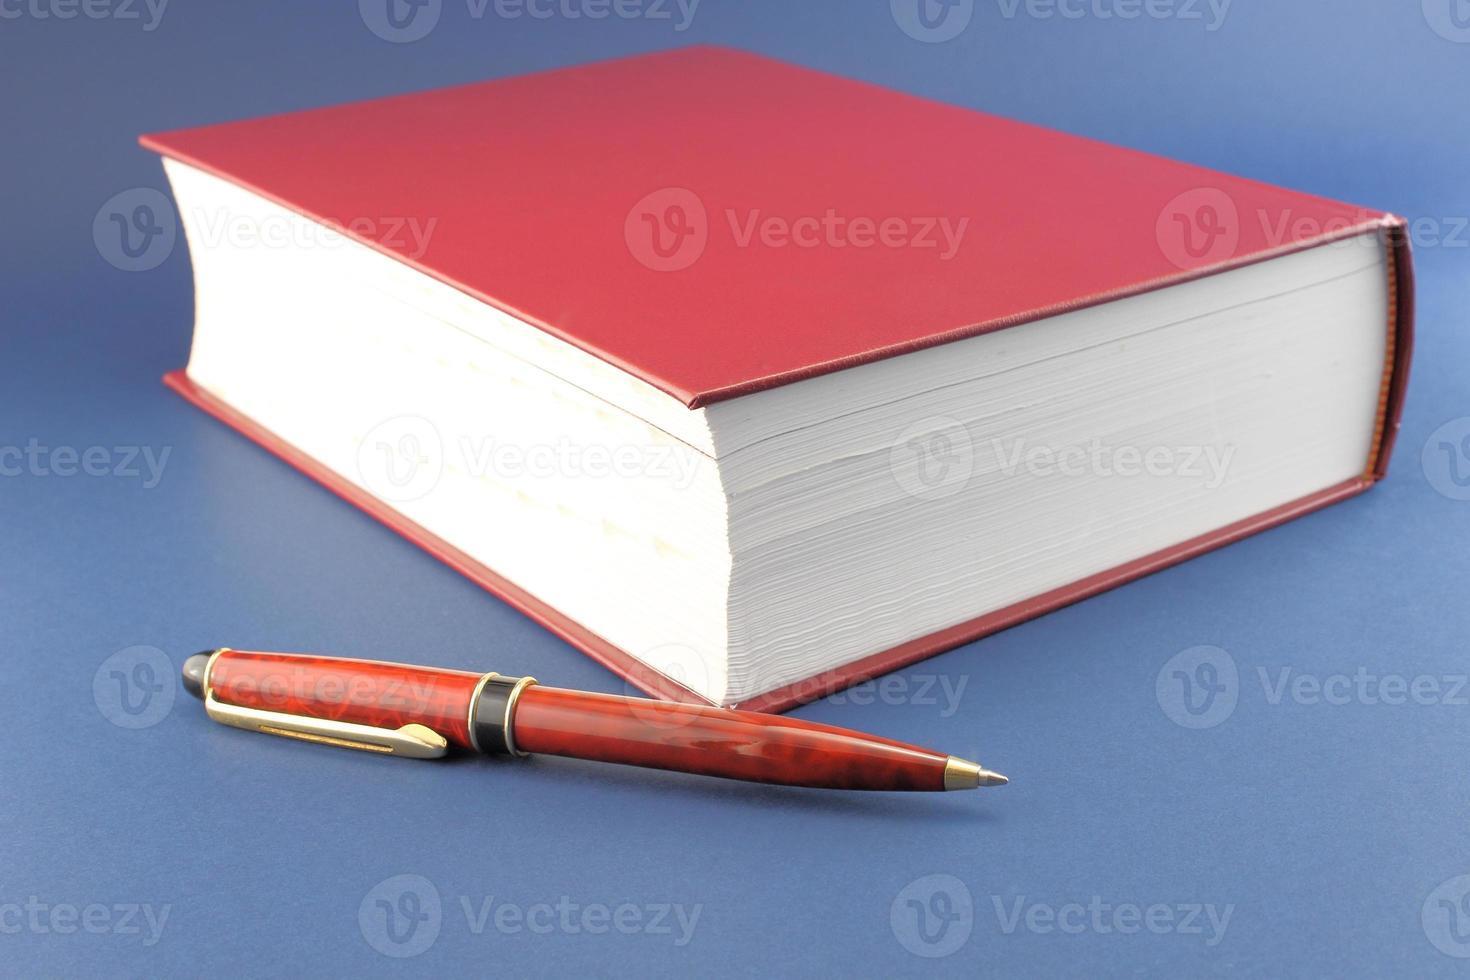 stylo et livre rouge photo